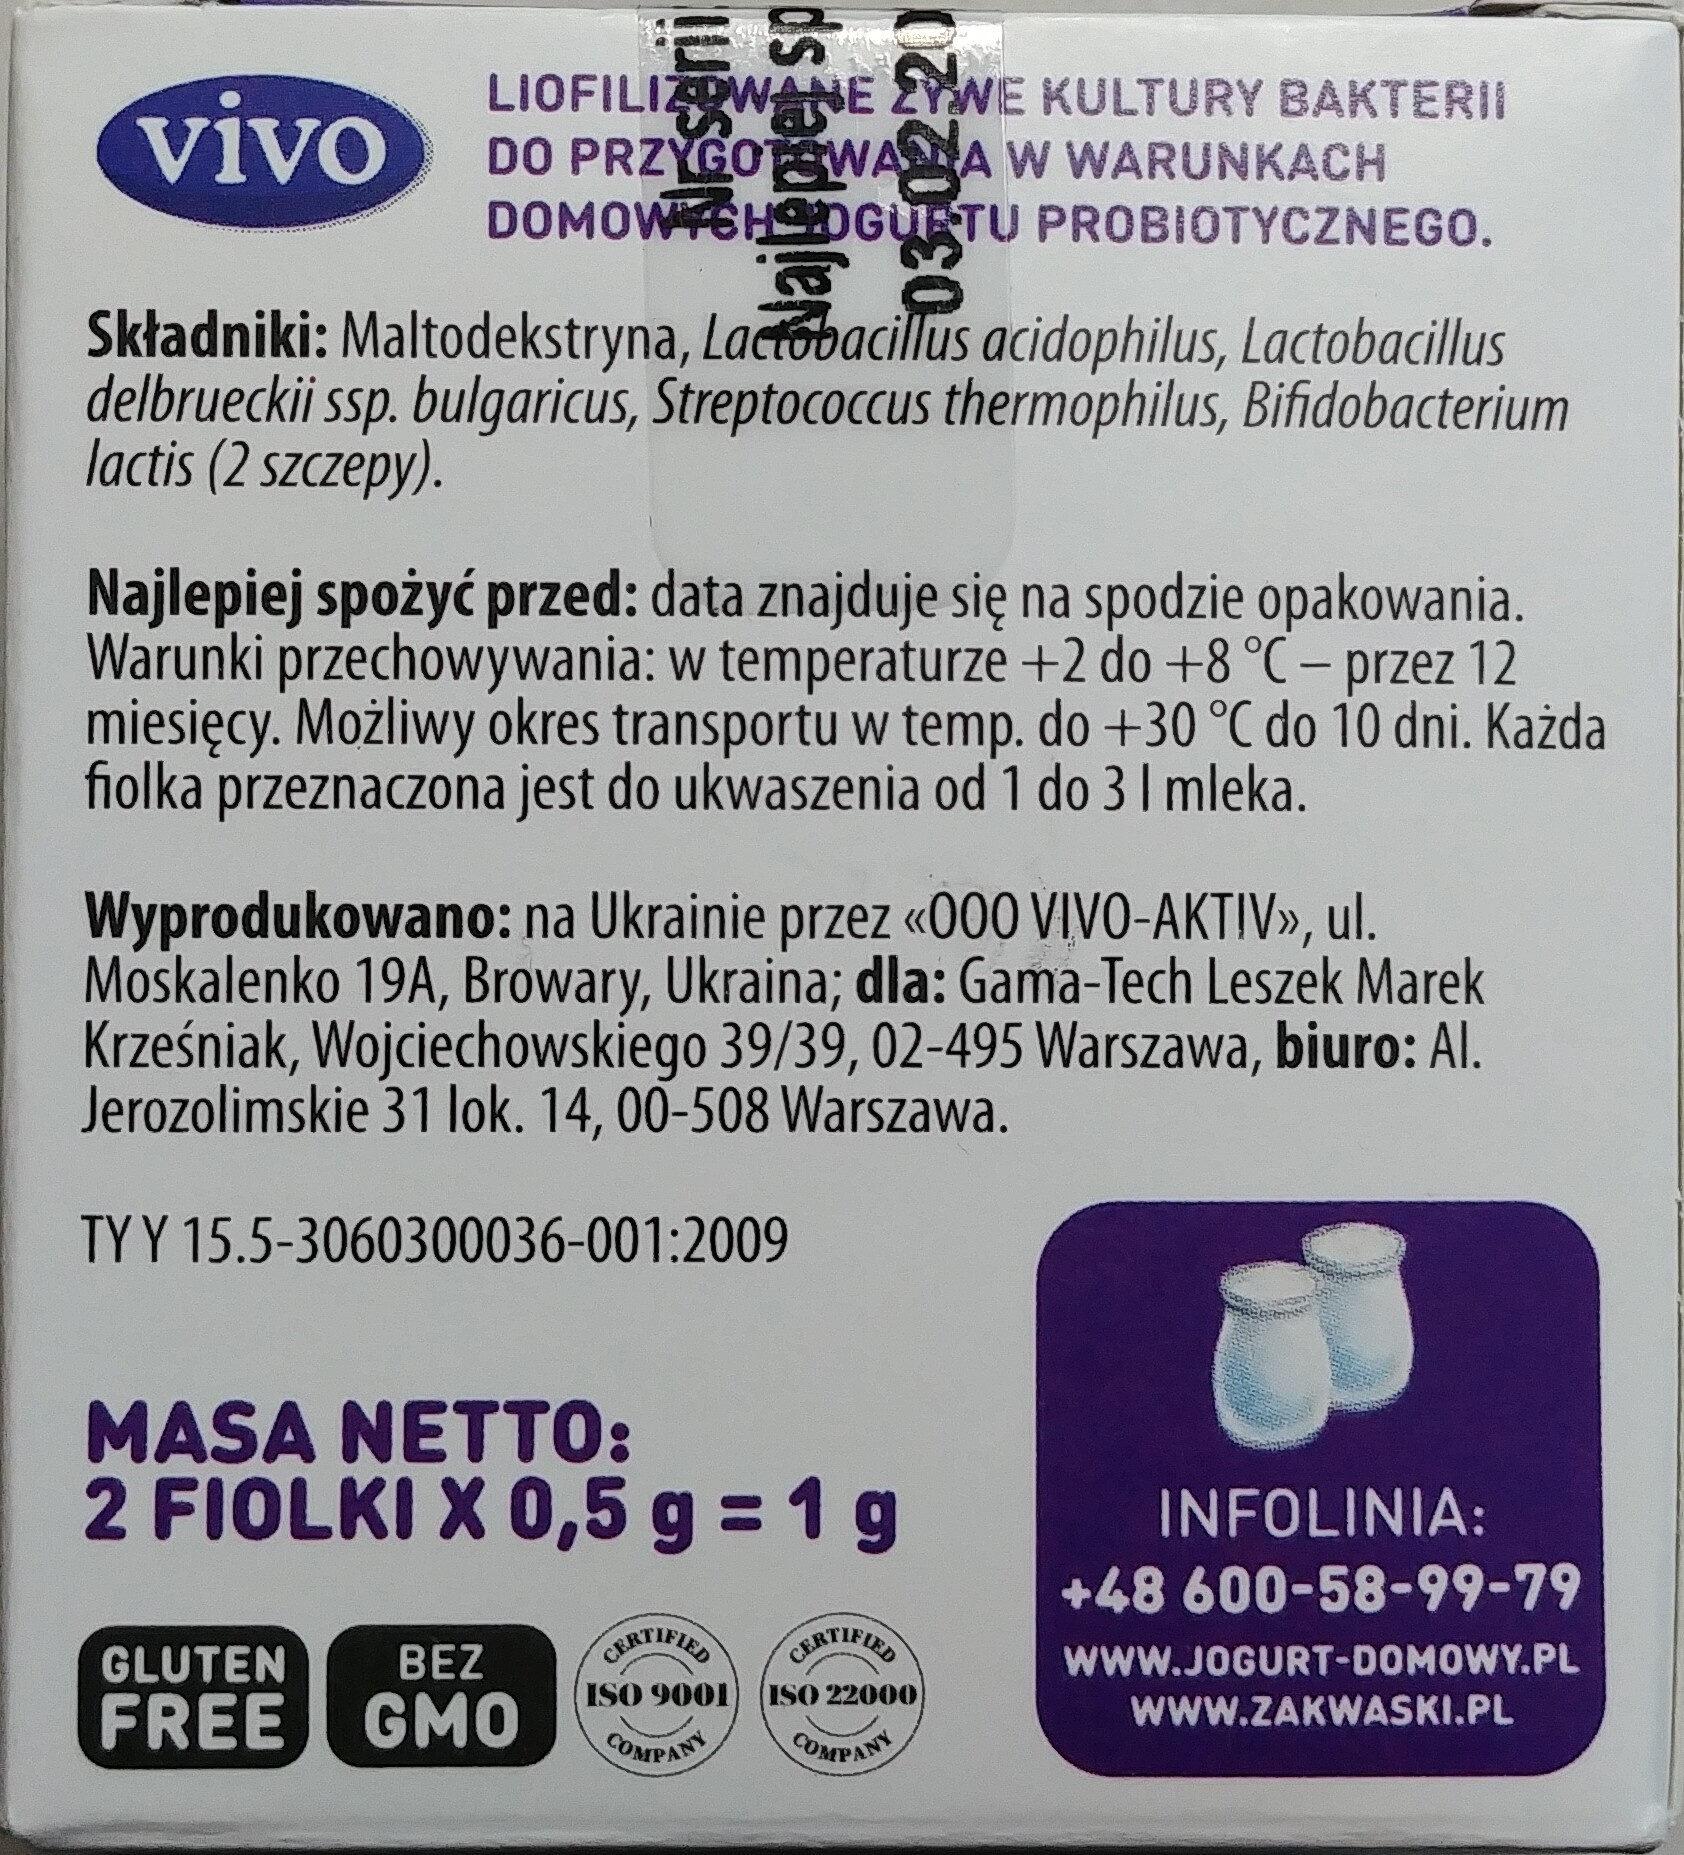 Liofilizowane żywe kultury bakterii do przygotowania w warunkach domowych jogurtu probiotycznego - Ingredients - pl